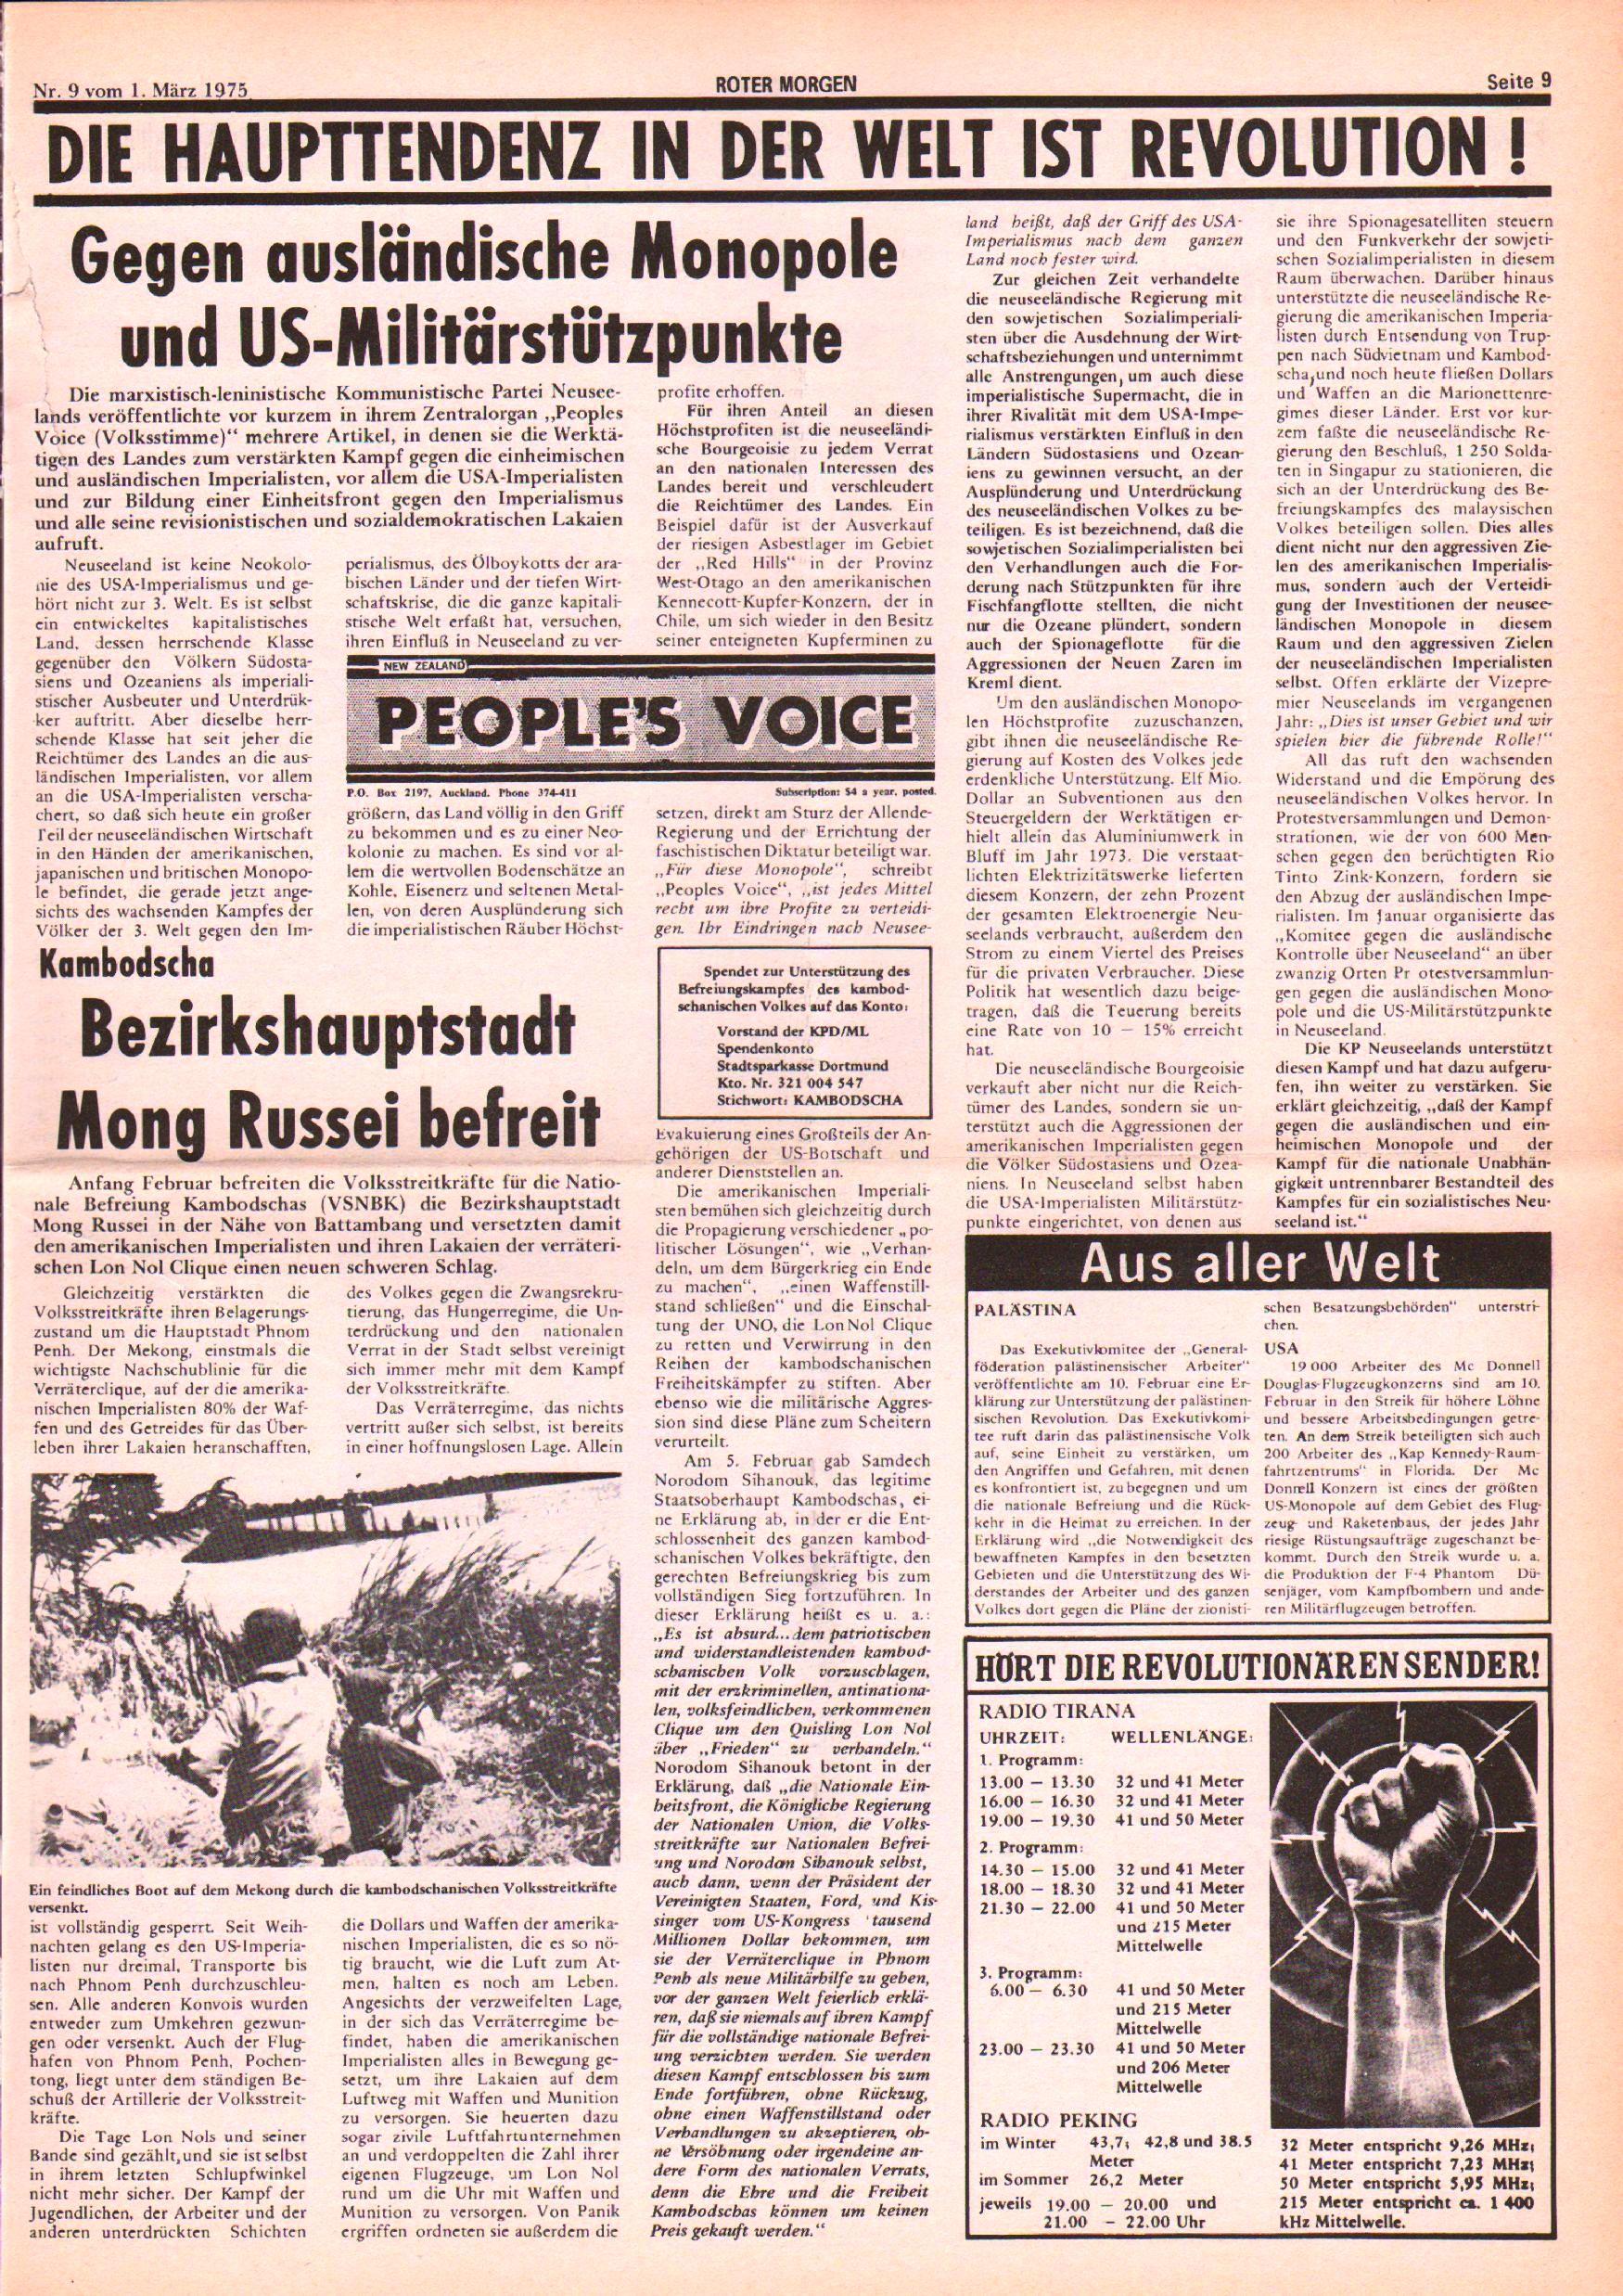 Roter Morgen, 9. Jg., 1. März 1975, Nr. 9, Seite 9